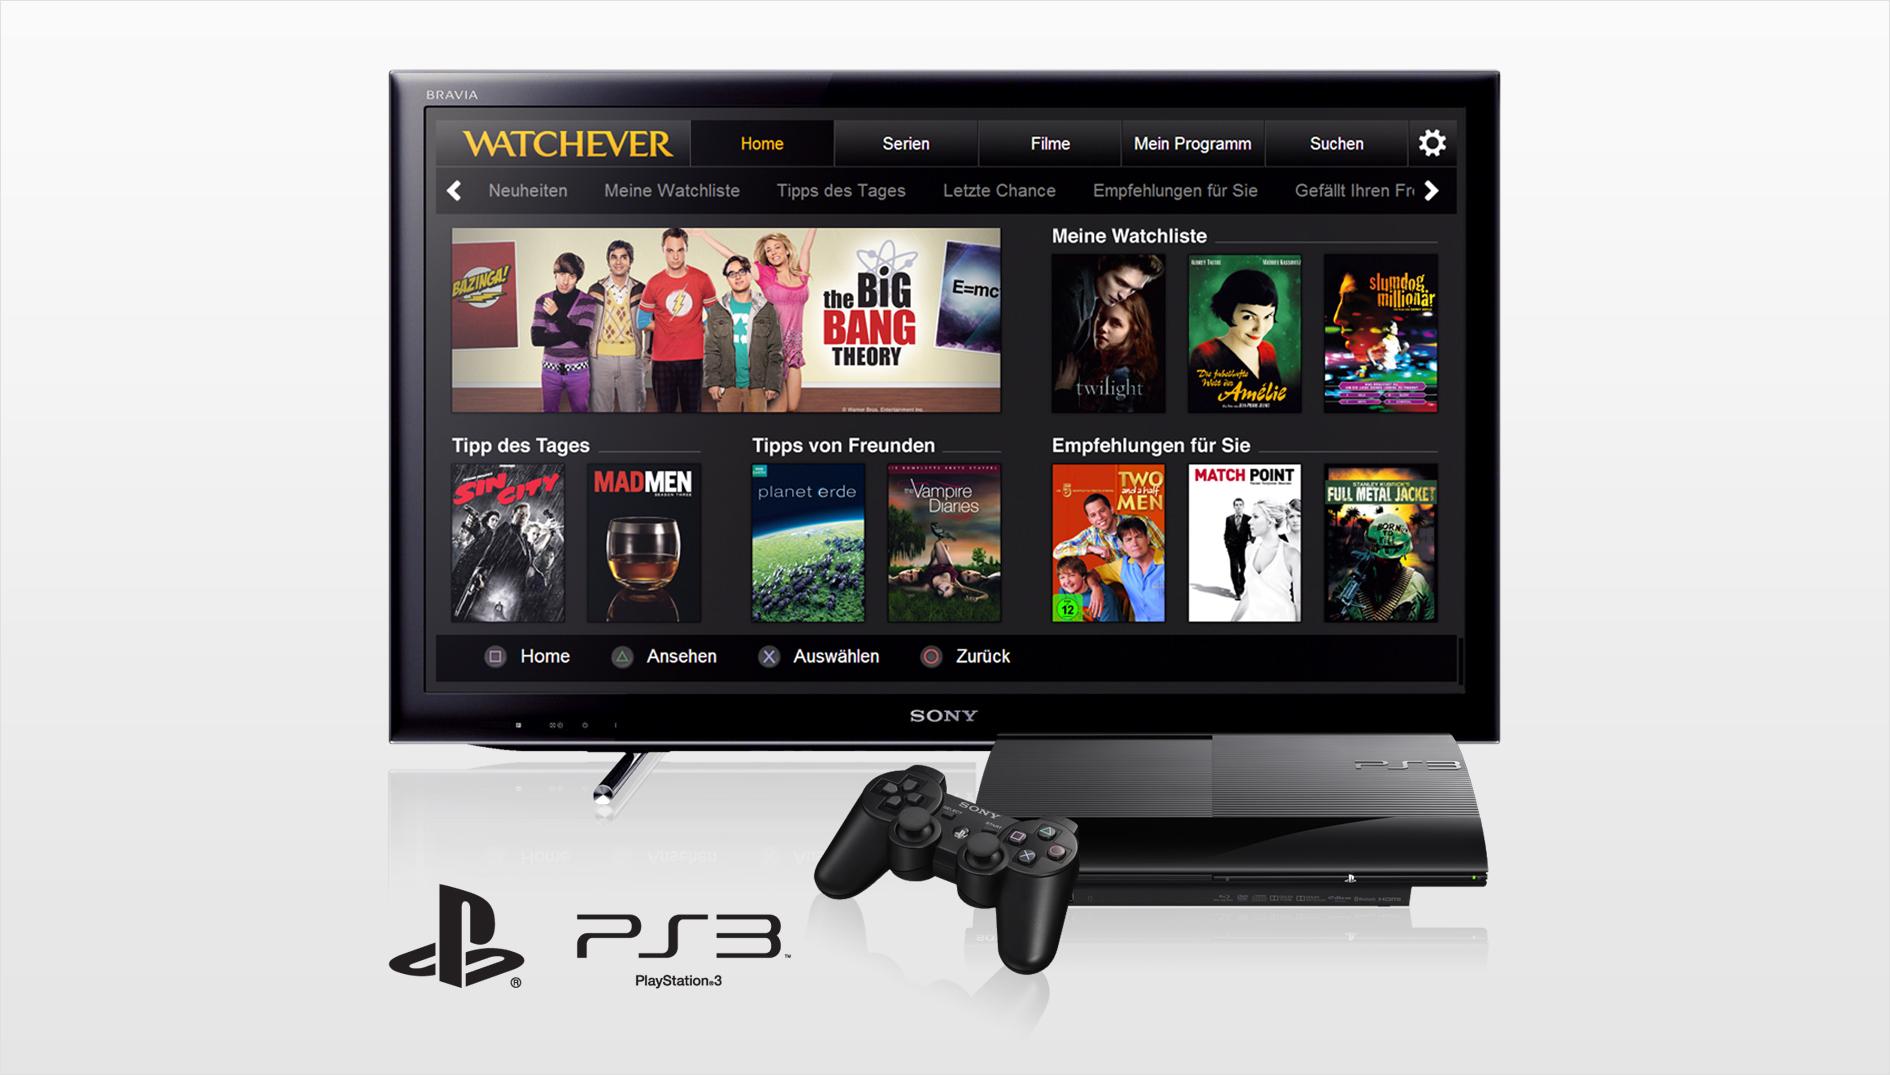 Watchever ab sofort auf PlayStation 3 verfügbar